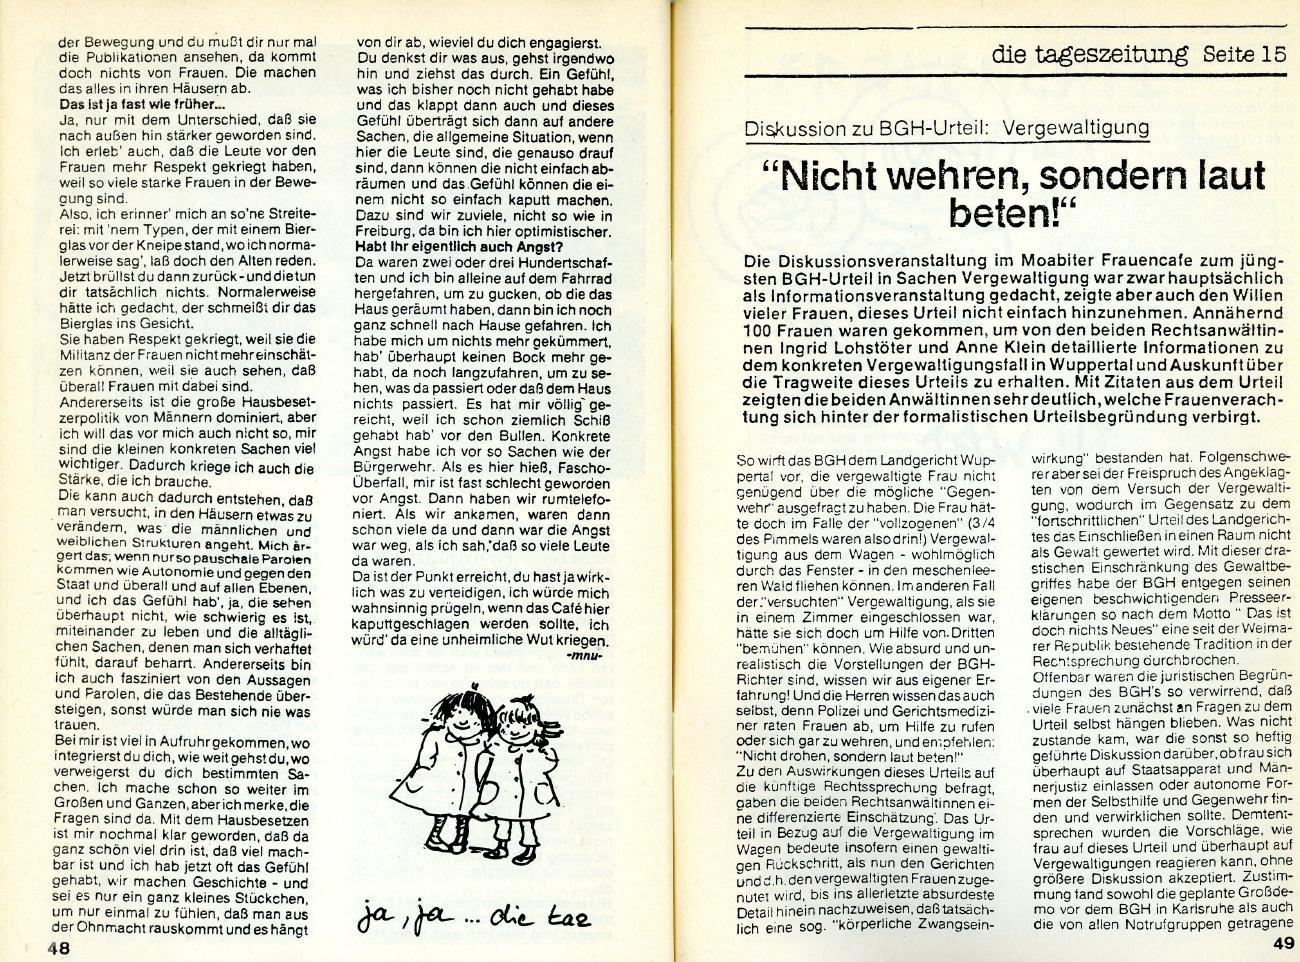 Berliner_Linie4_1981_82_25